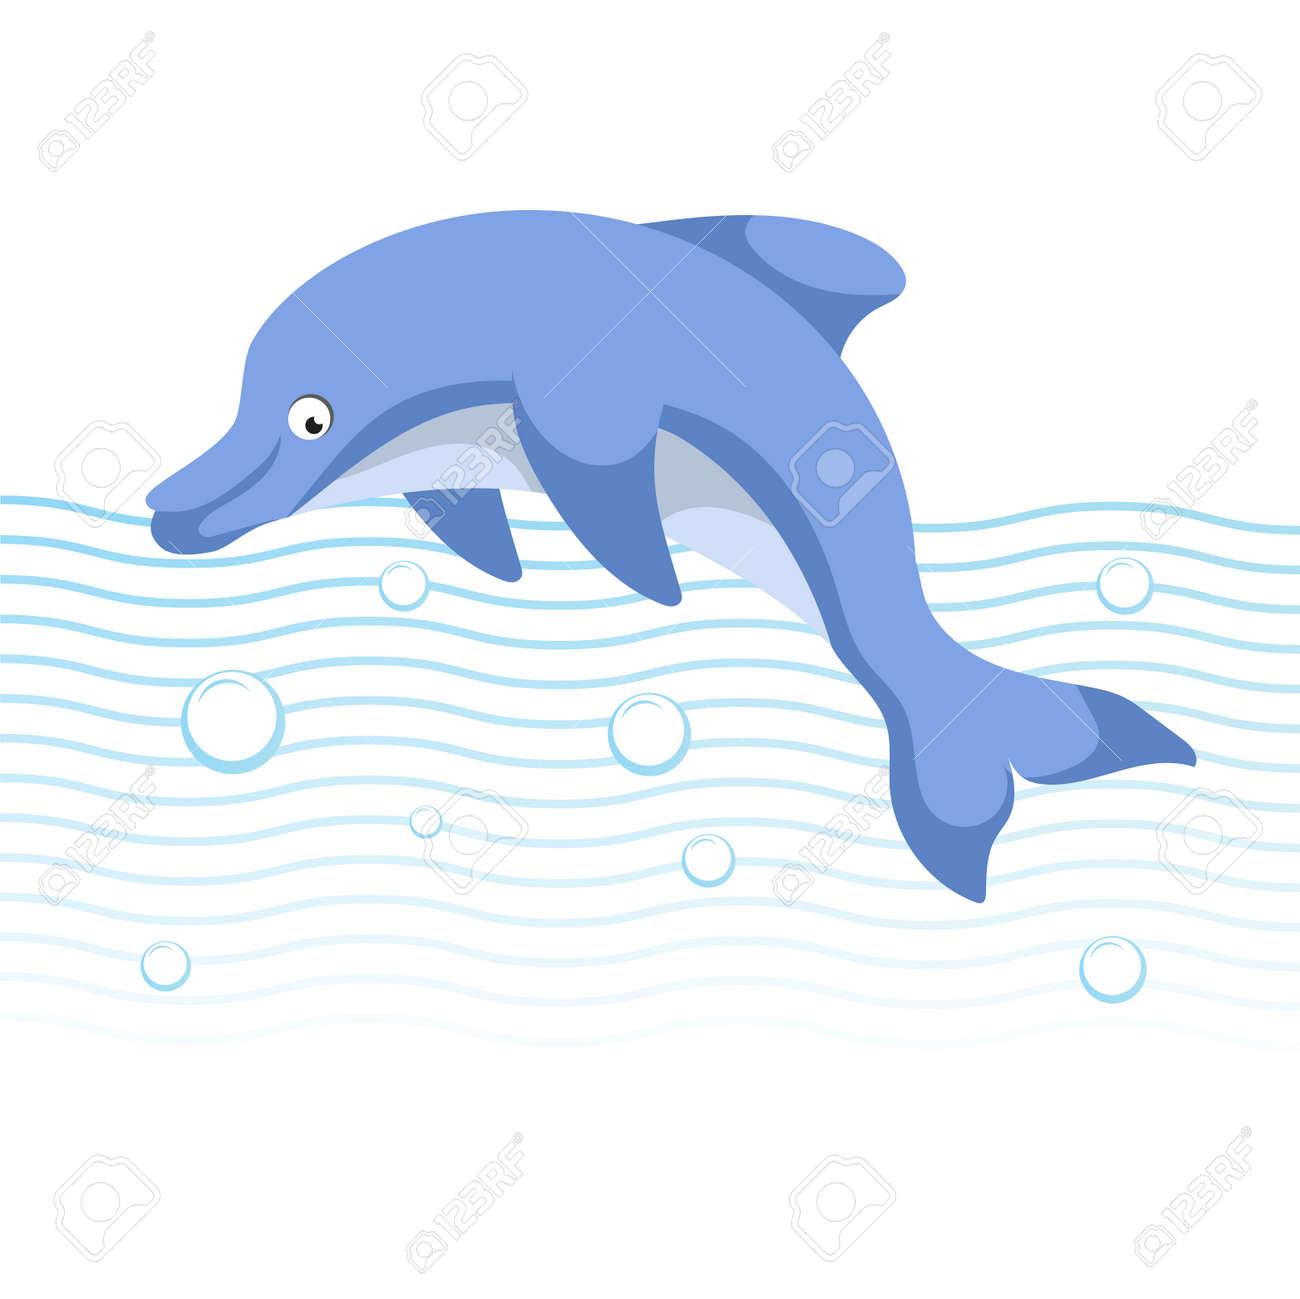 かわいい漫画トレンディなスタイルのイルカがジャンプします海の波や泡